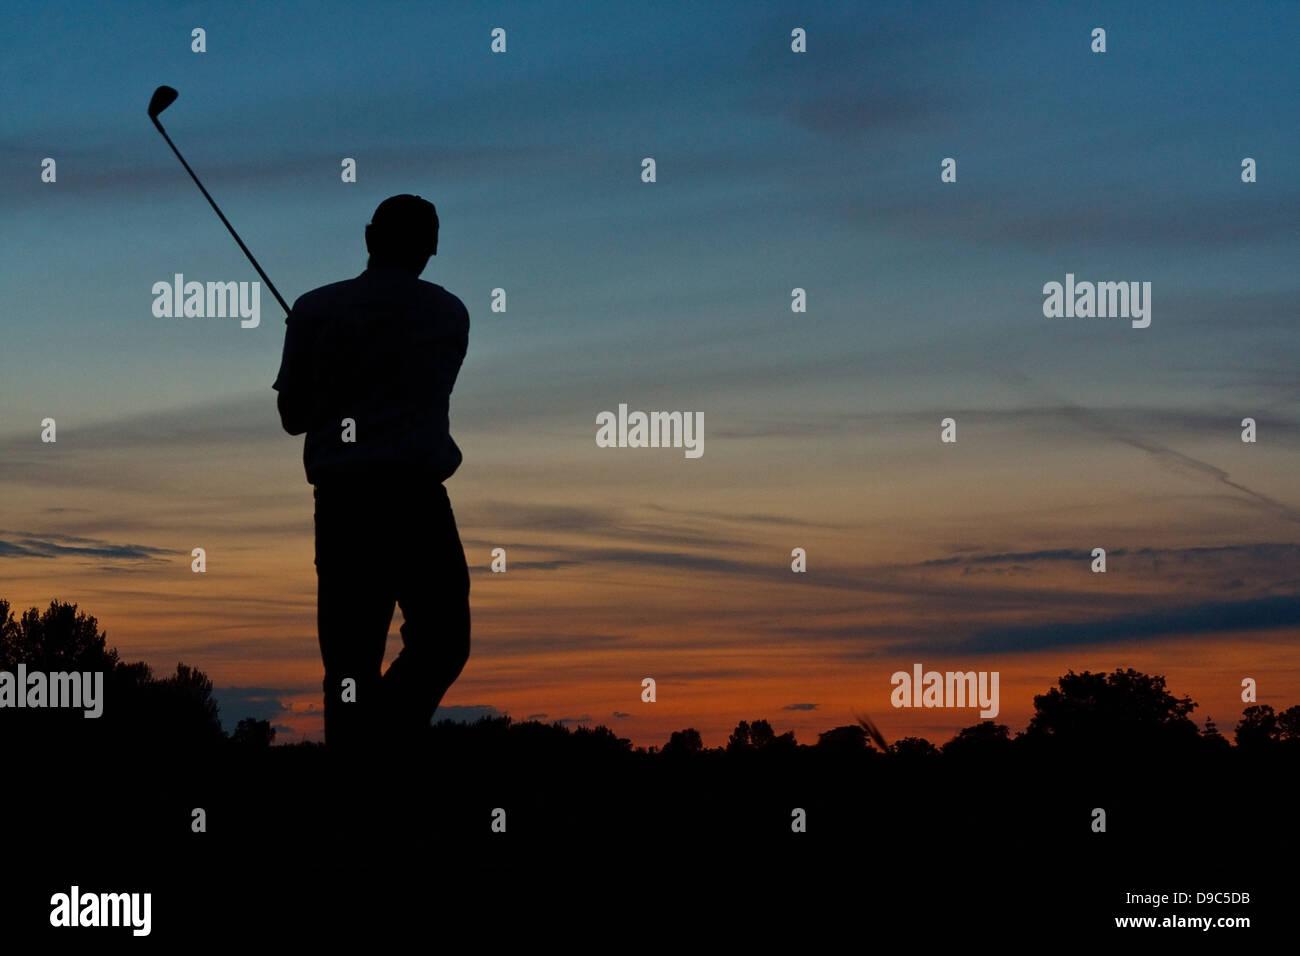 Silhouette d'un golfeur solitaire de l'achèvement d'une partie de golf au crépuscule Photo Stock